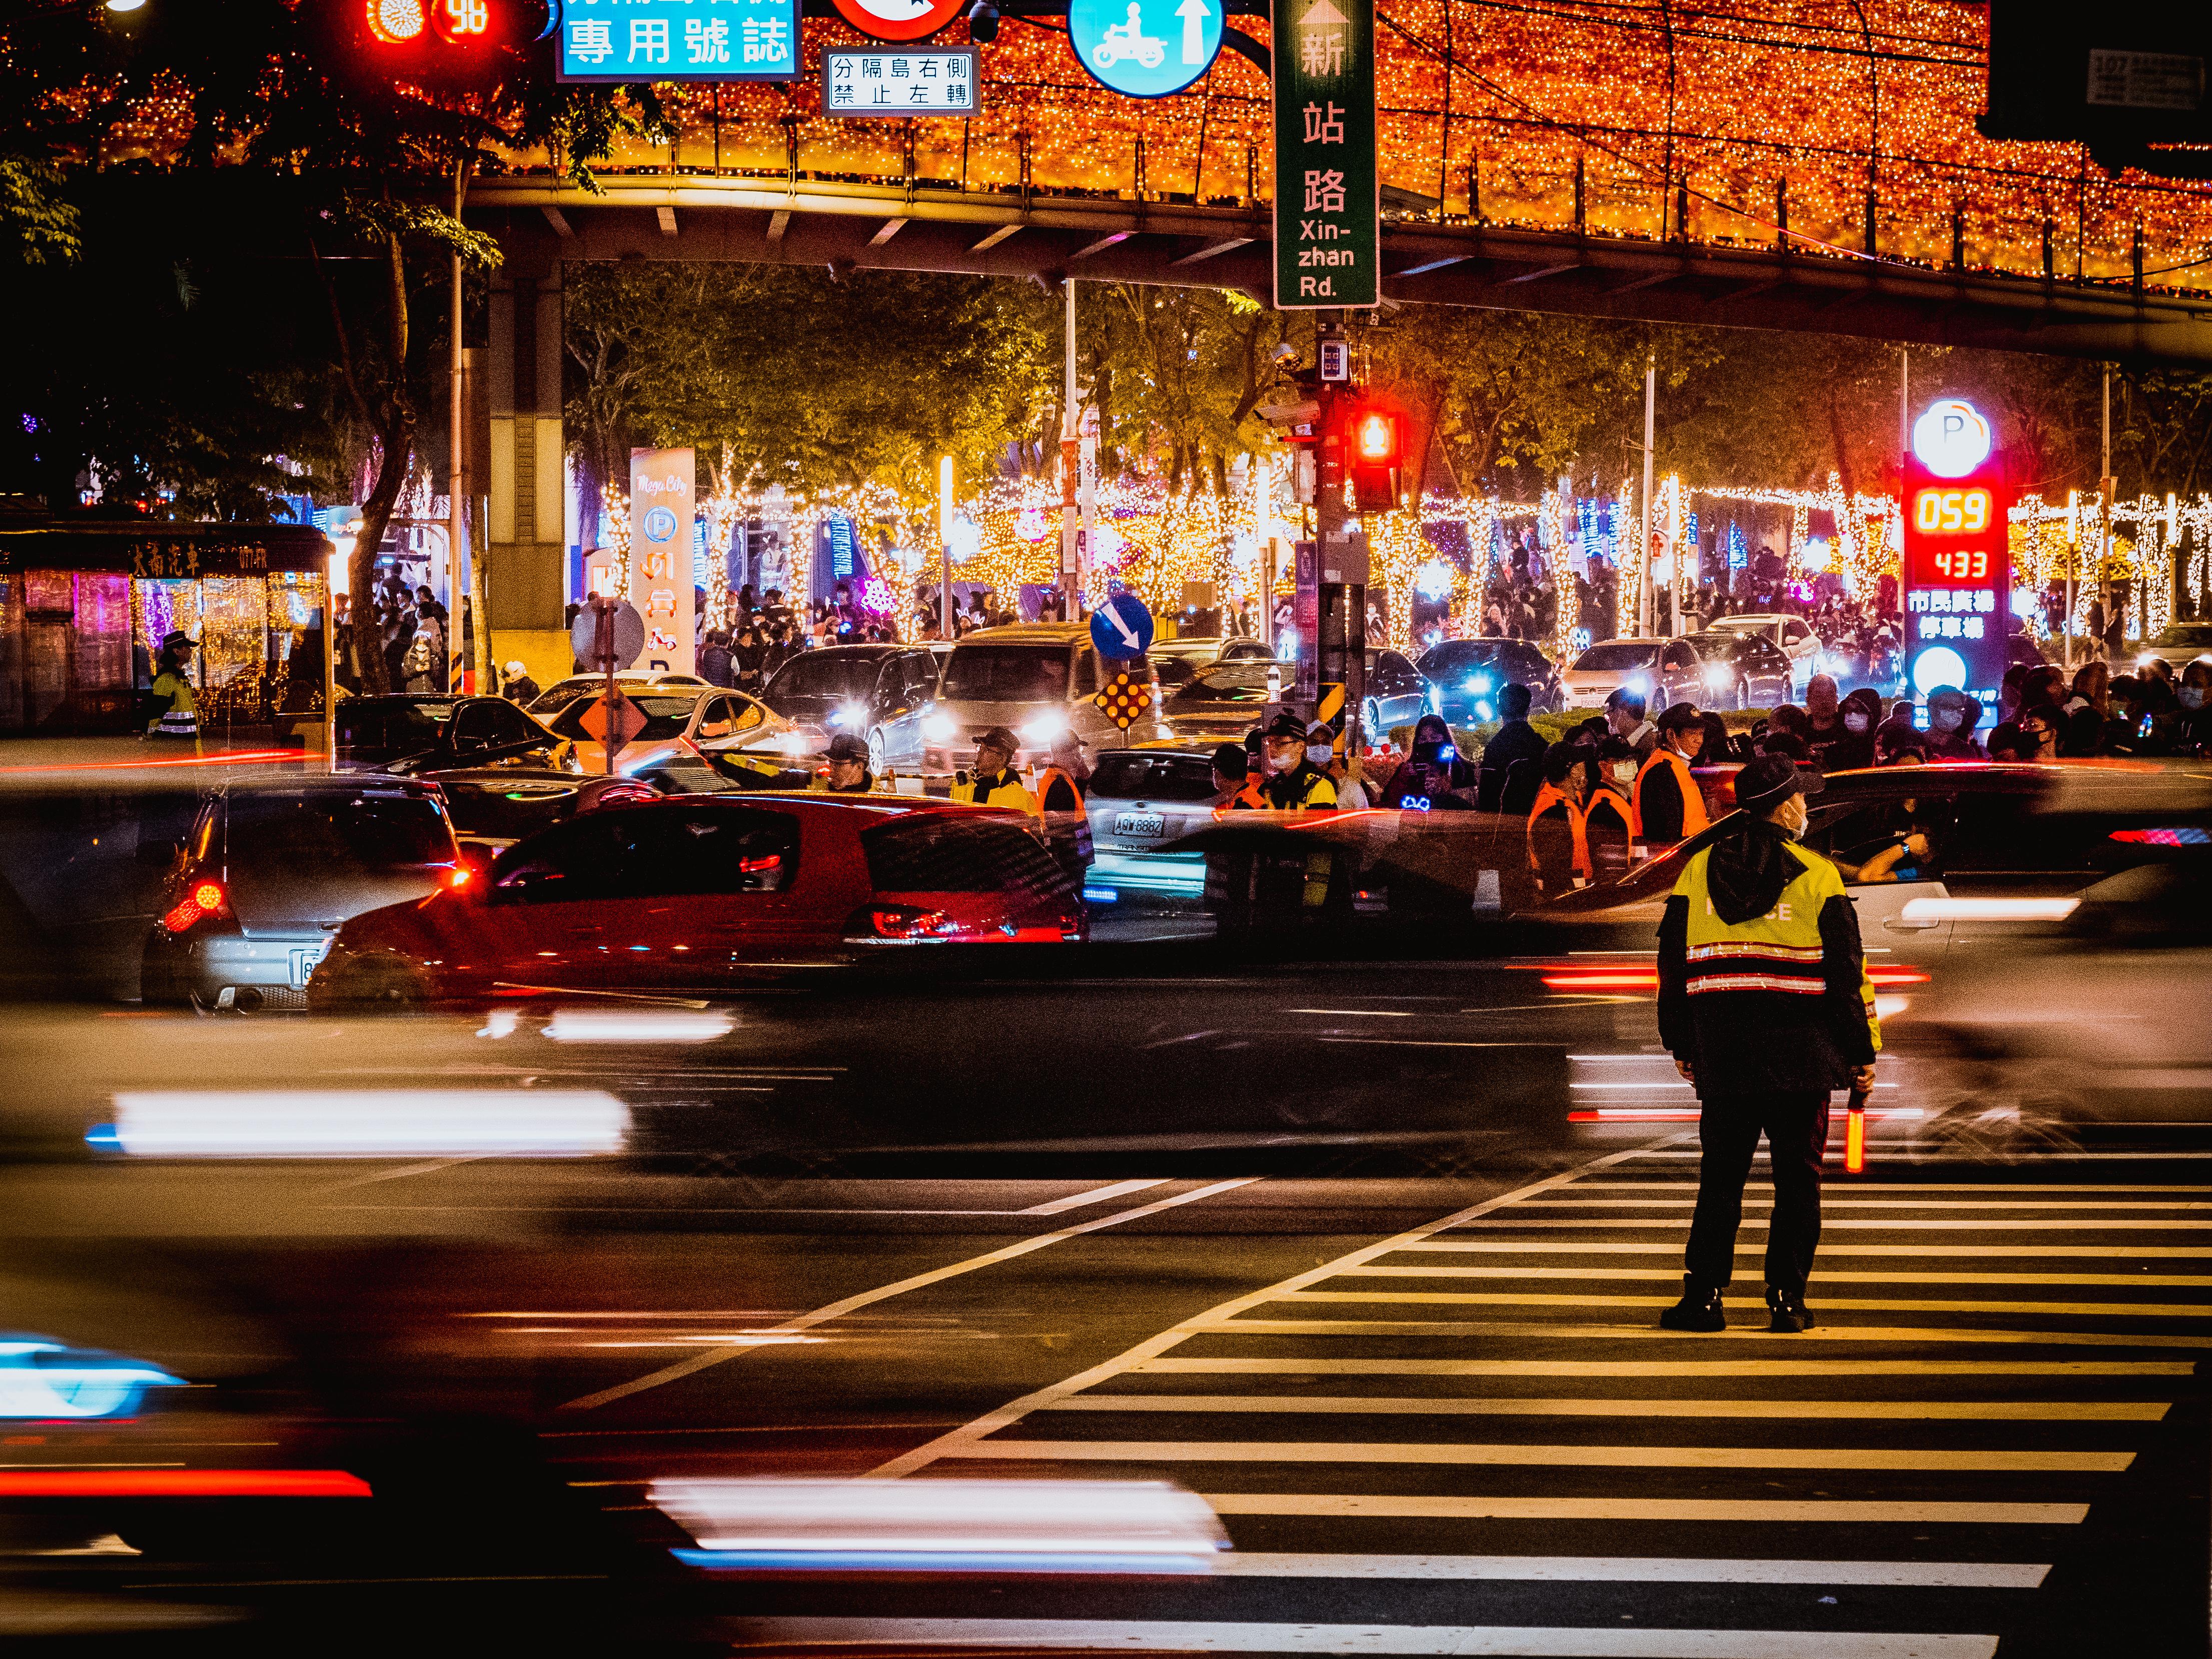 新北歡樂耶誕城,不畏疫情衝擊,今年再創佳績。(圖/TVBS) 新北歡樂耶誕城 被世界羨慕「人數多,小孩多,停留時間最多」